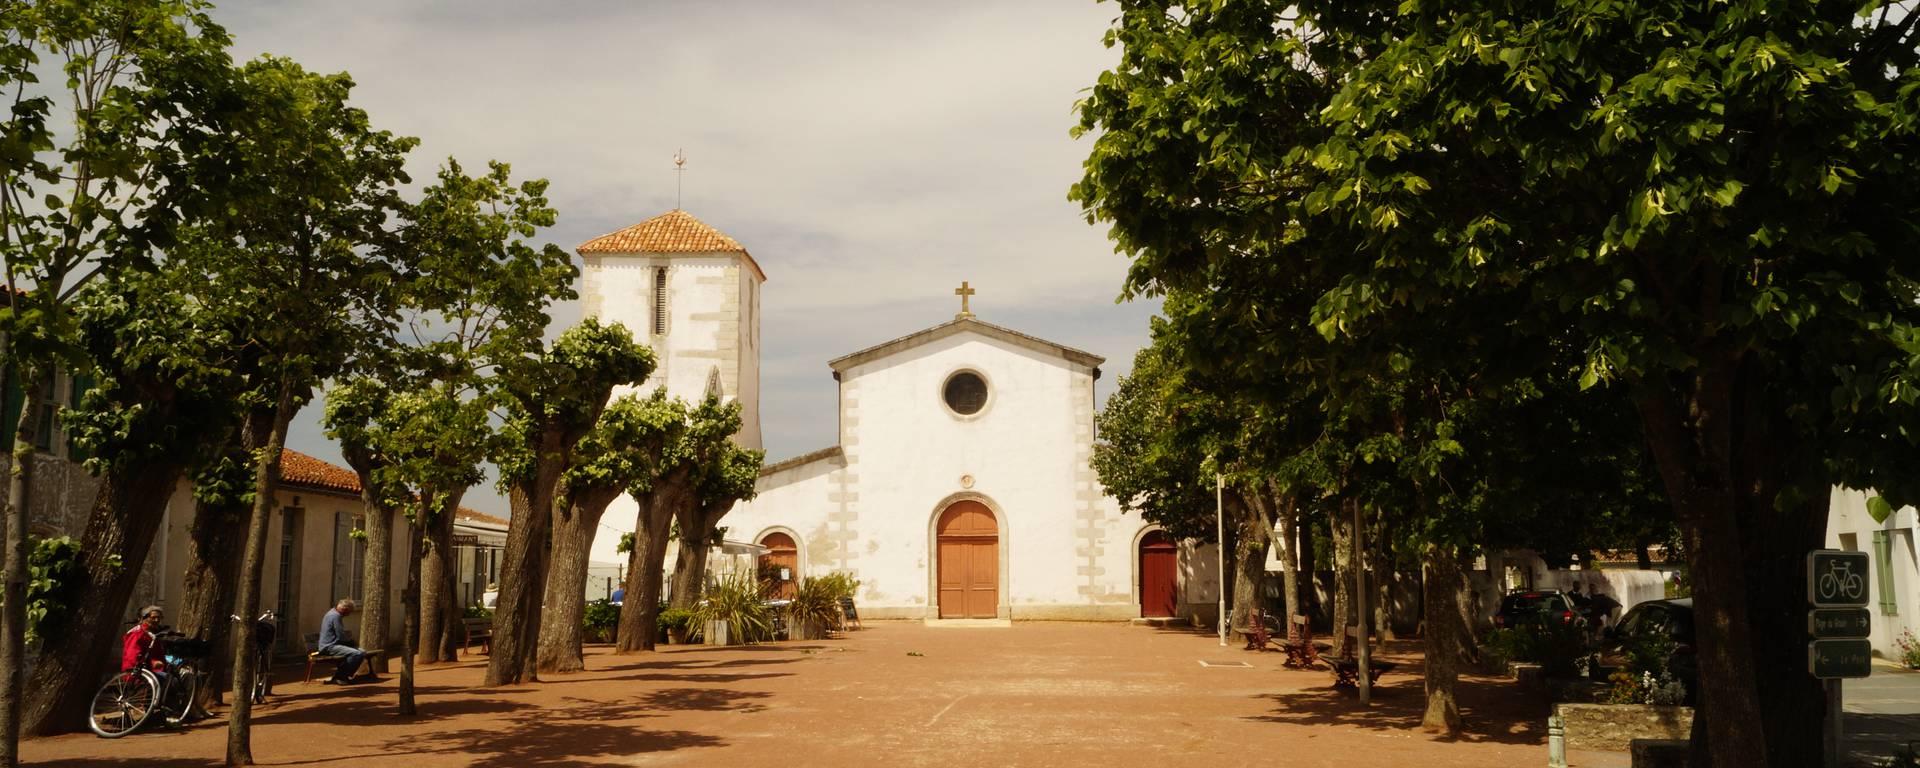 L'église de Loix, Place de la mairie par Pierre Galine